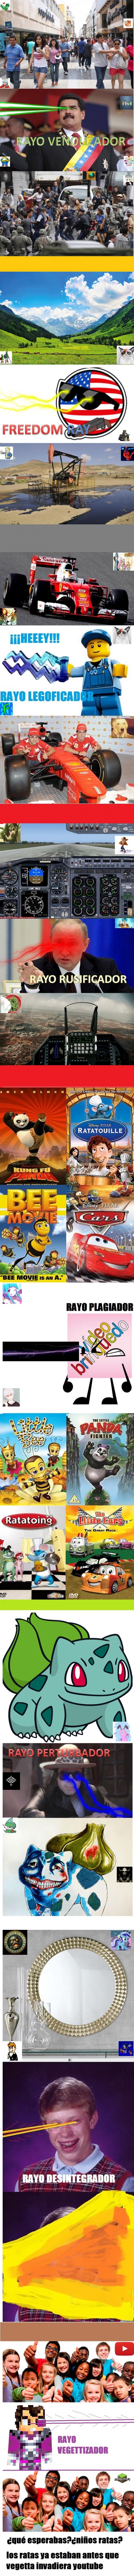 Meme_otros - Los tipos de rayos y sus consecuencias